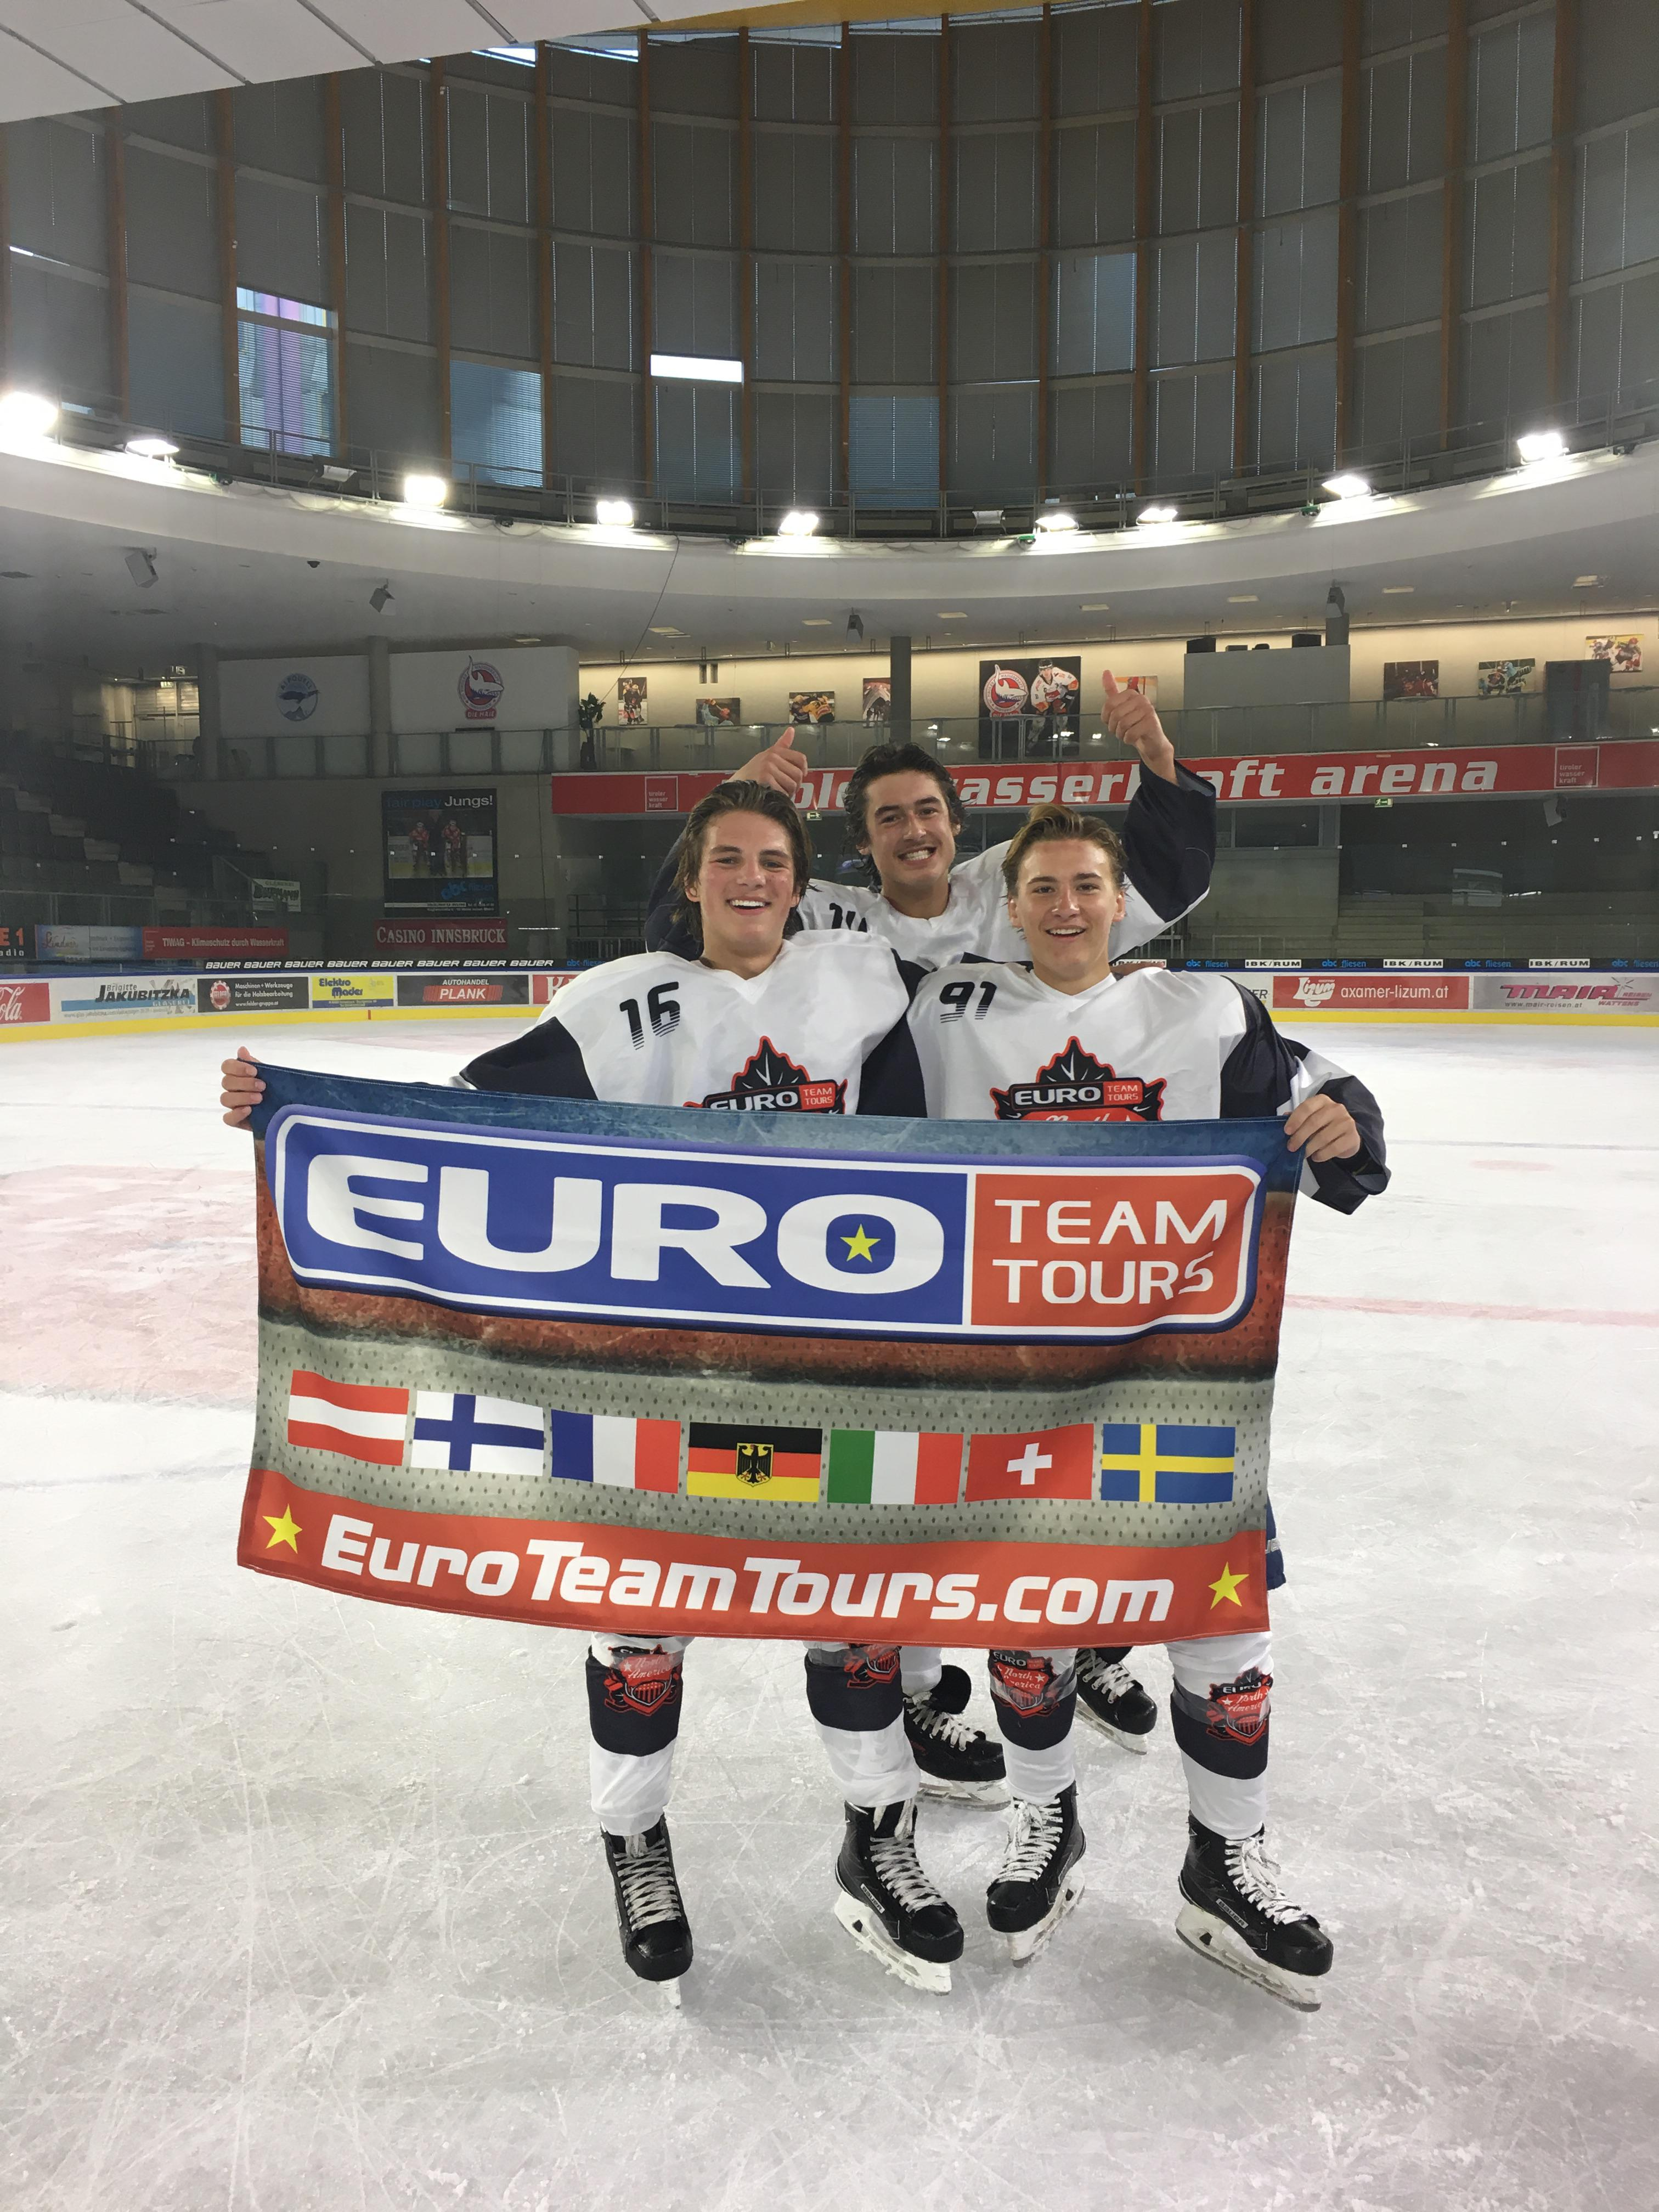 Euro Team Tours - Fliesen bis 10 euro